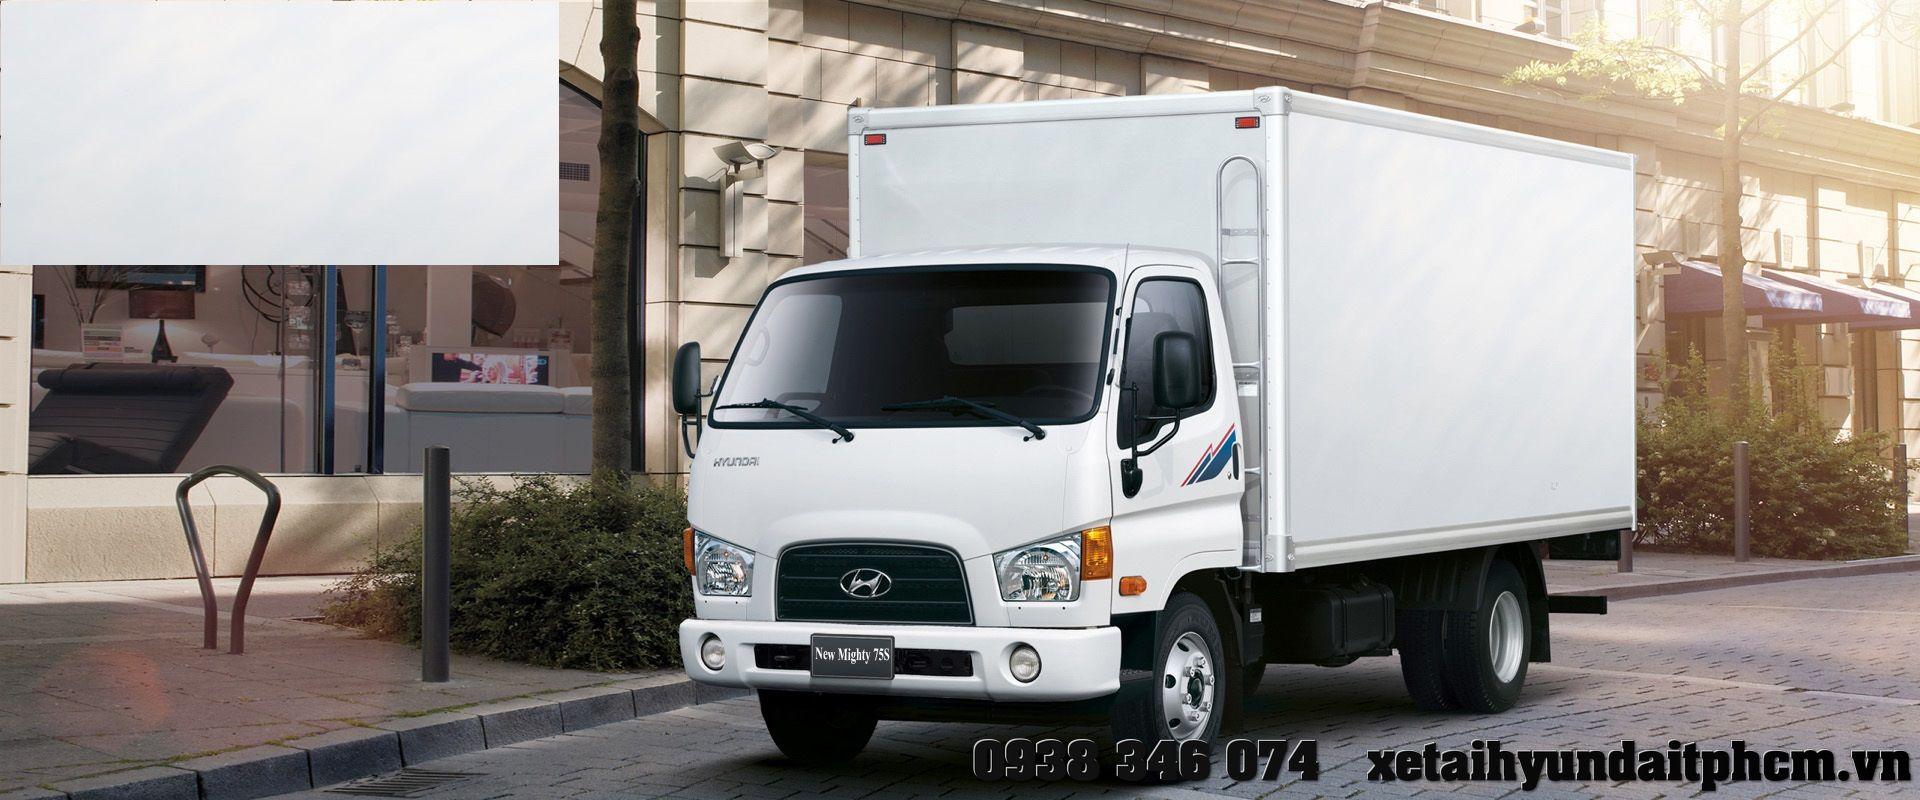 Xe Tải 3T5 Hyundai 3 Tấn 5 HD75S Thành Công